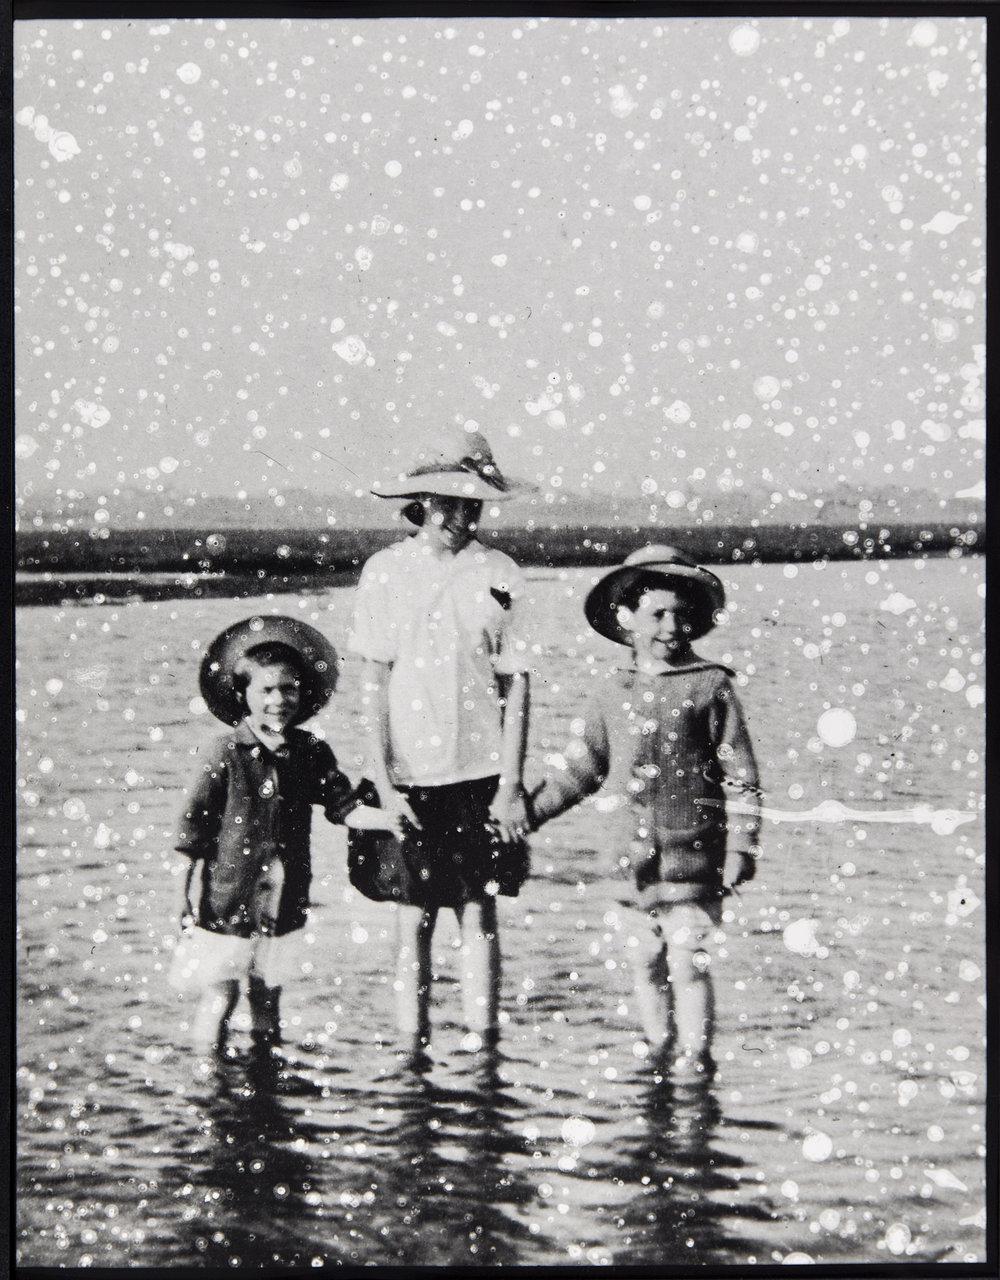 03-BeachHats.jpg